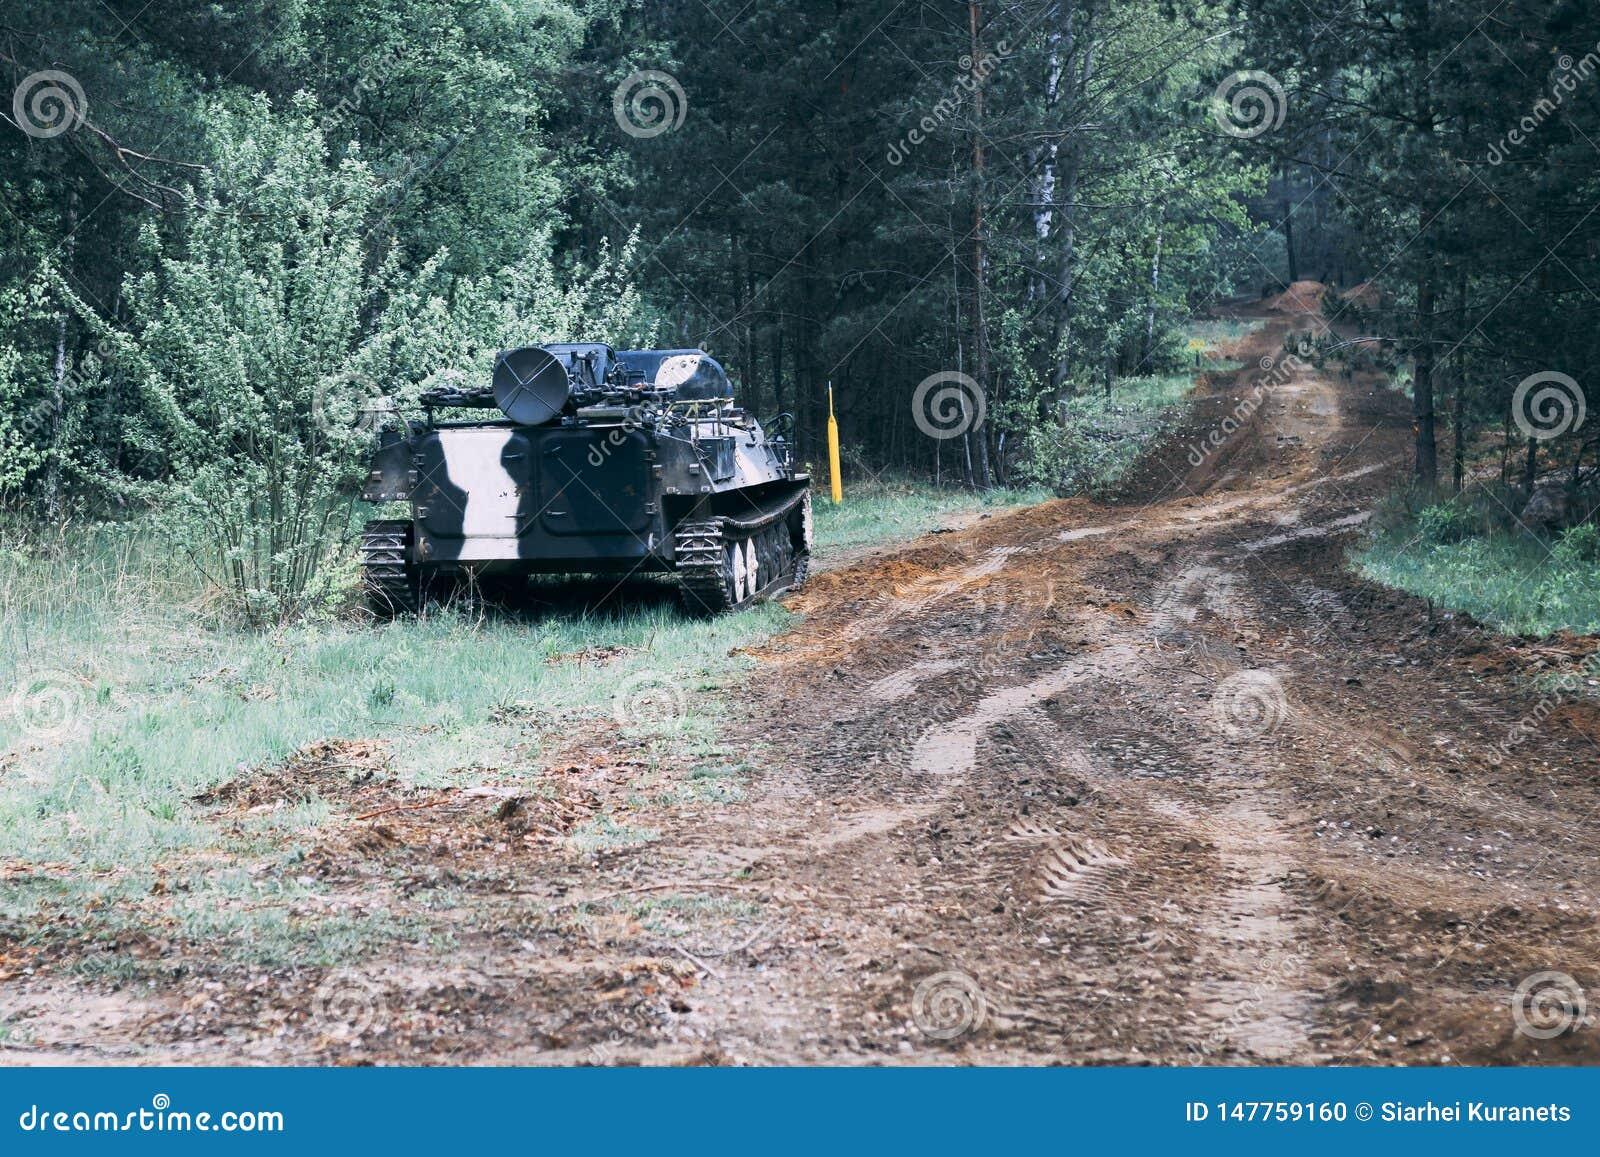 Wald wert Infanteriekampffahrzeug Stra?enanteil der milit?rischer Ausr?stung haben Sie das Tonen